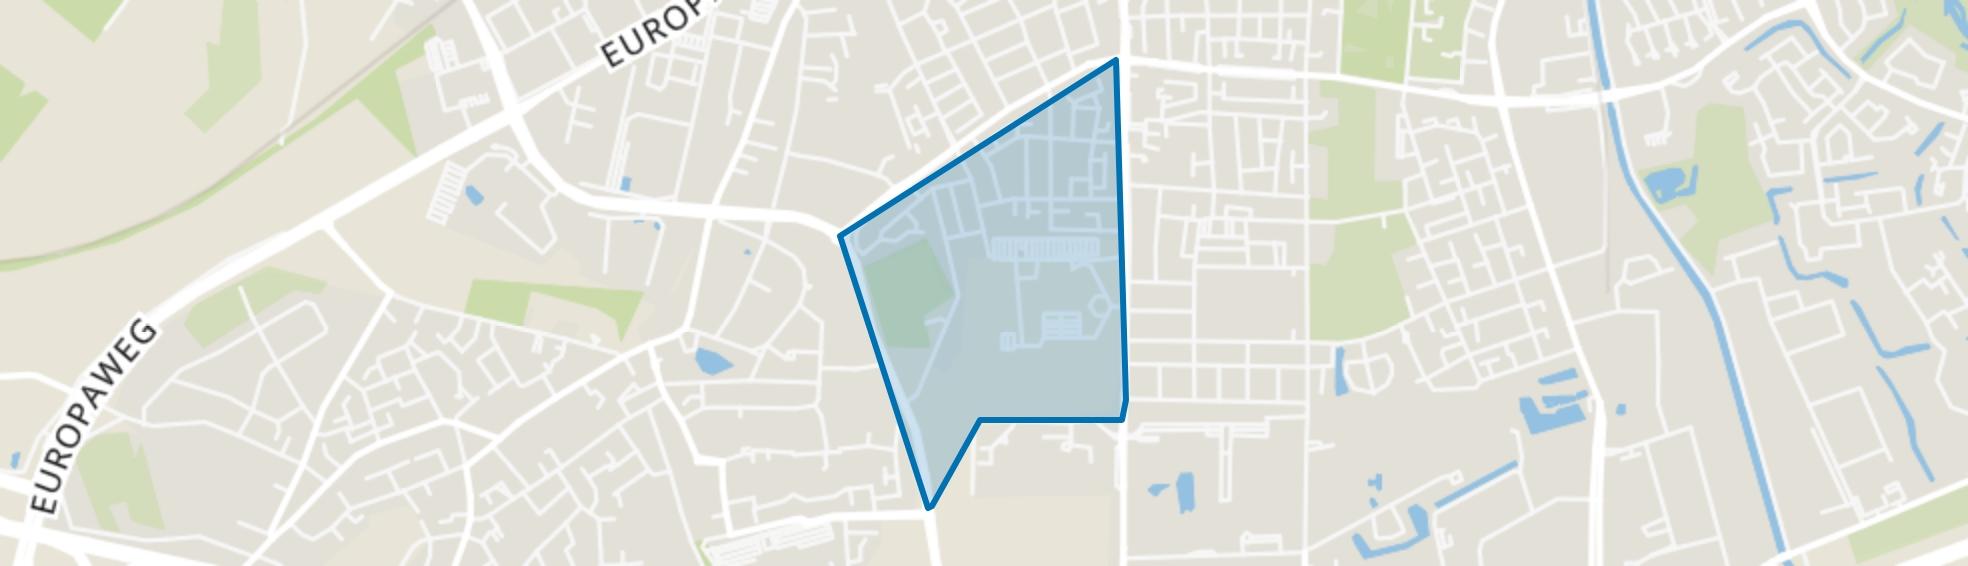 Winkewijert, Apeldoorn map